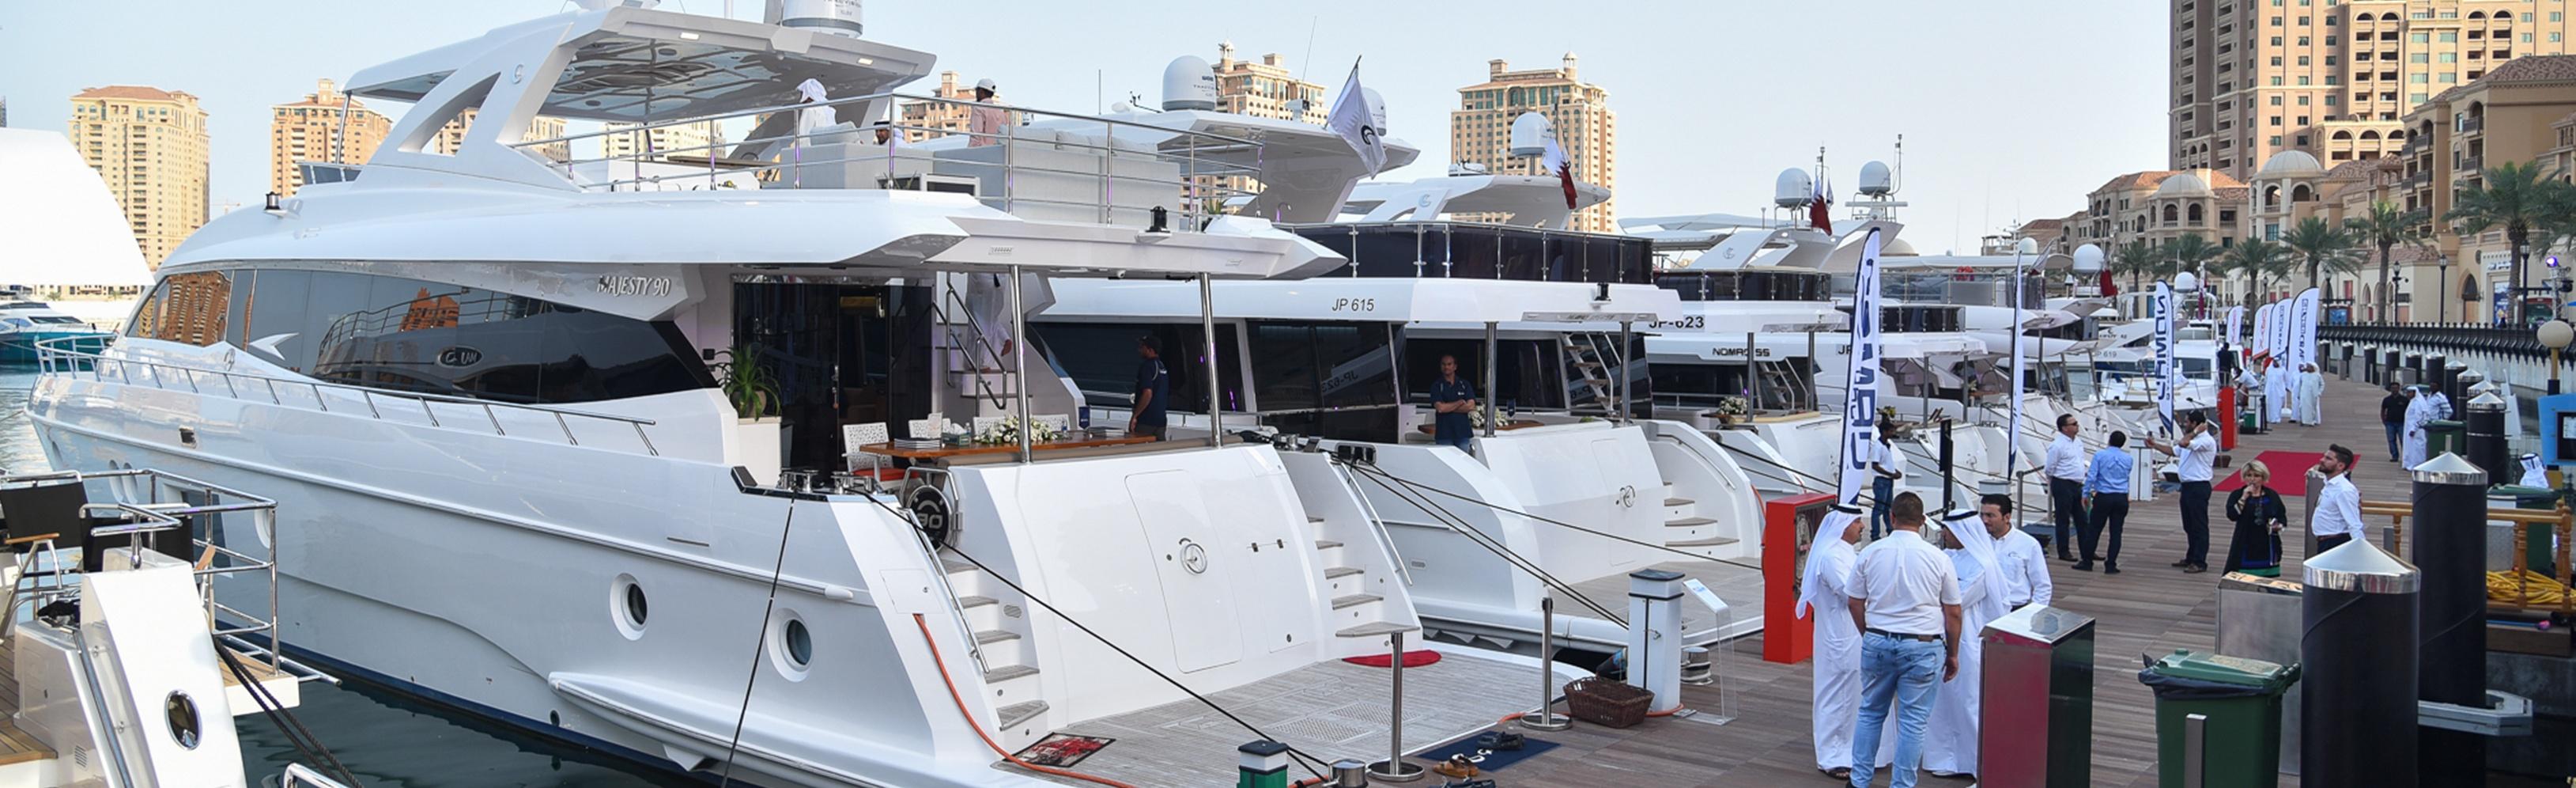 Gulf-Craft-fleet-shot,-Qatar.jpg